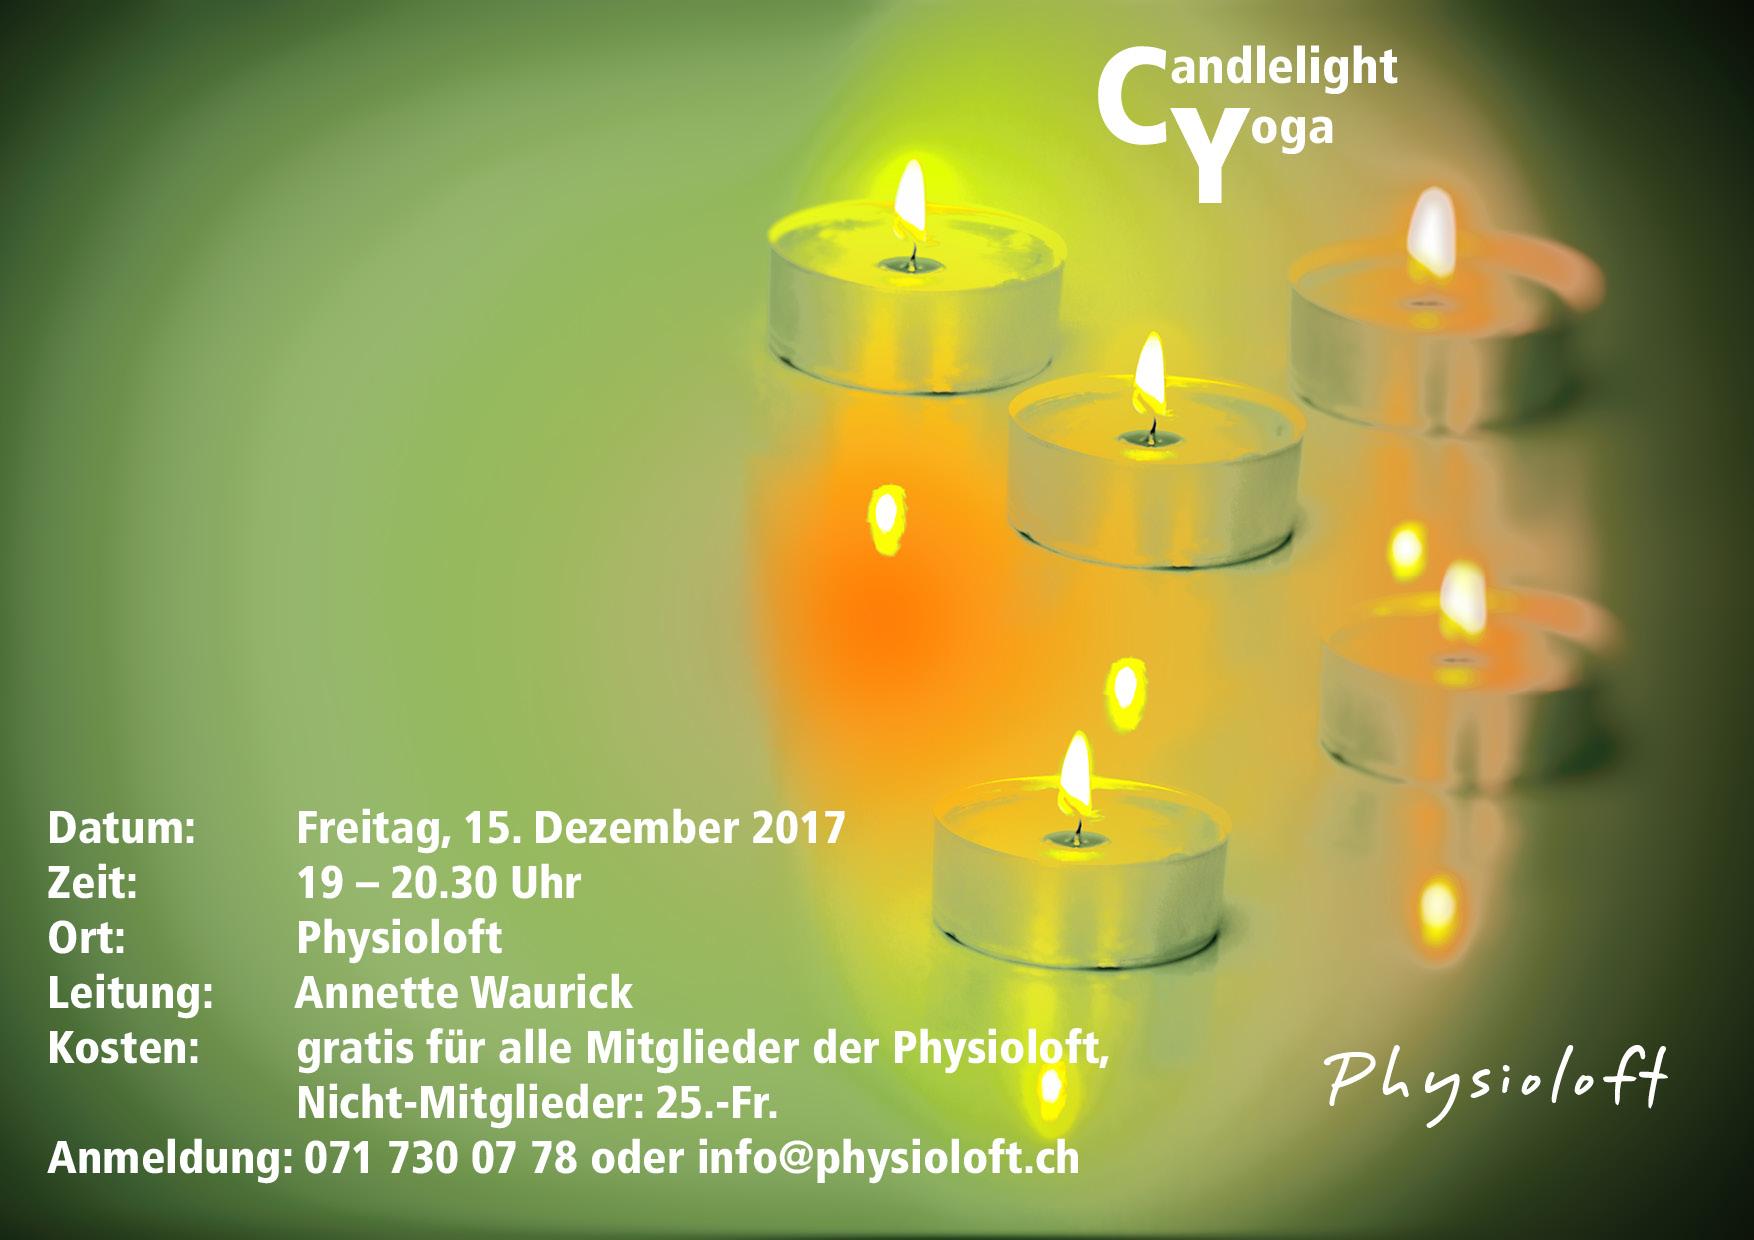 Candlelight Yoga_1